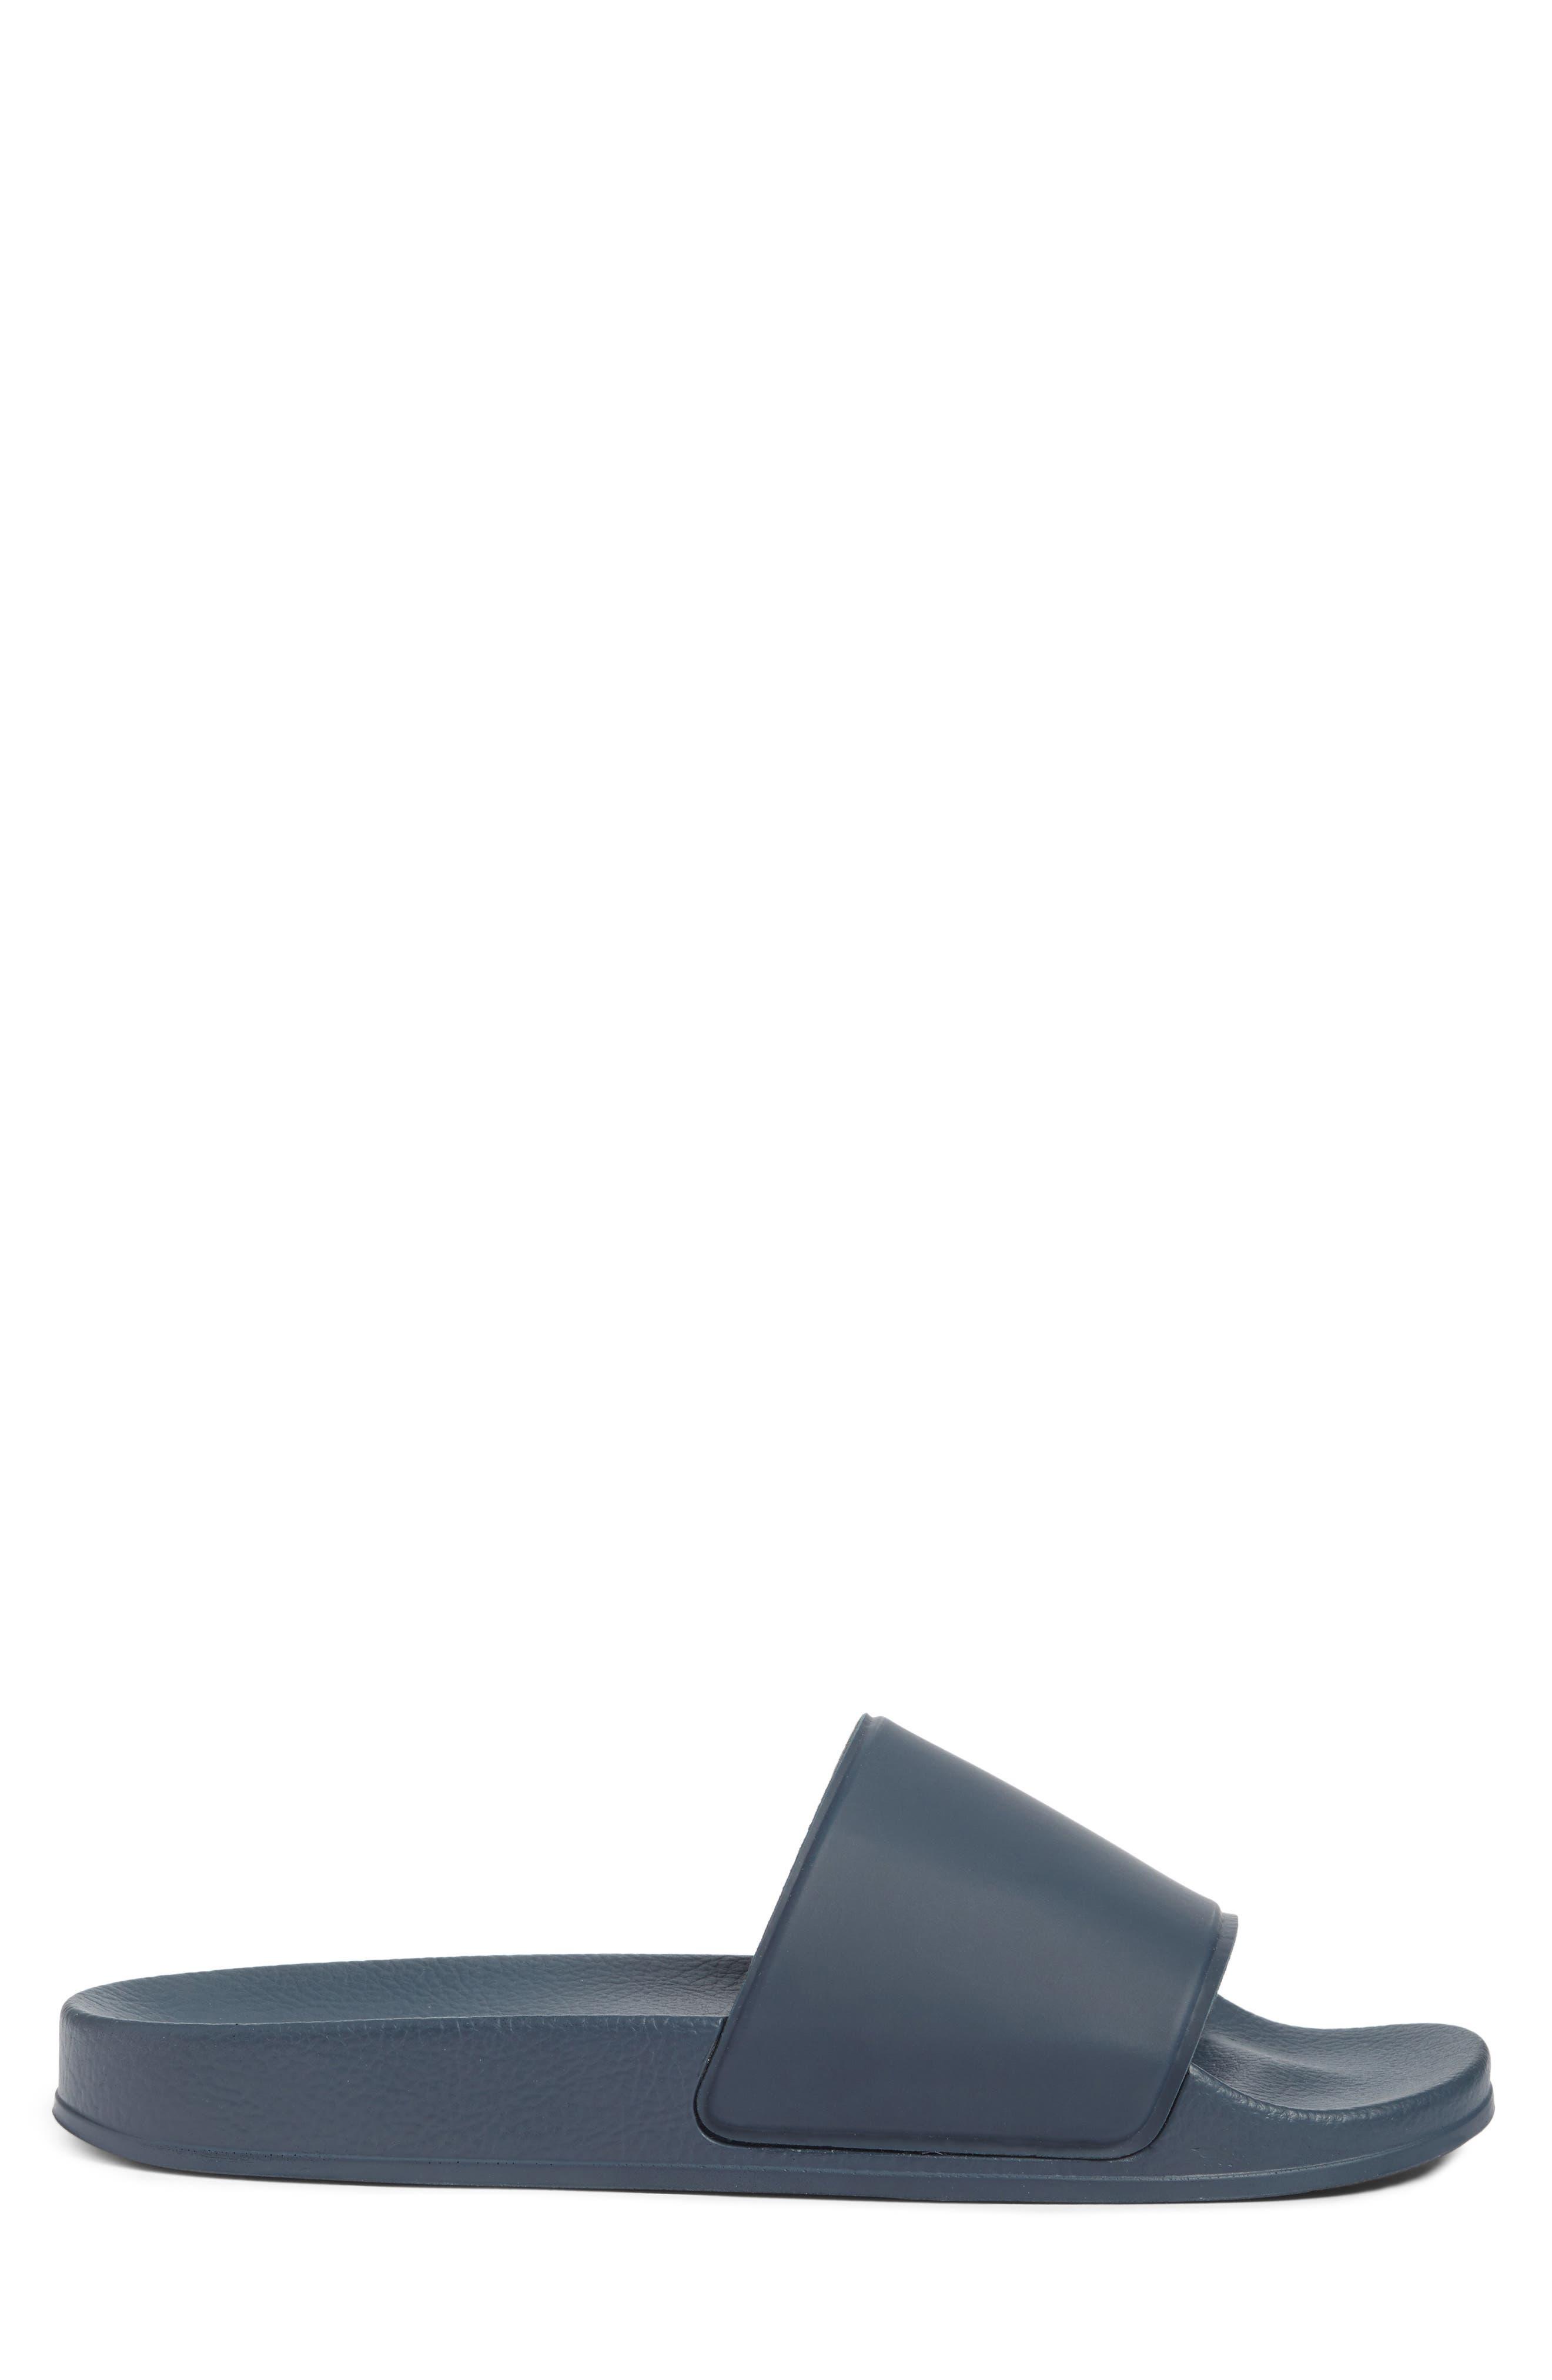 Alternate Image 2  - The Rail Bondi Slide Sandal (Men)